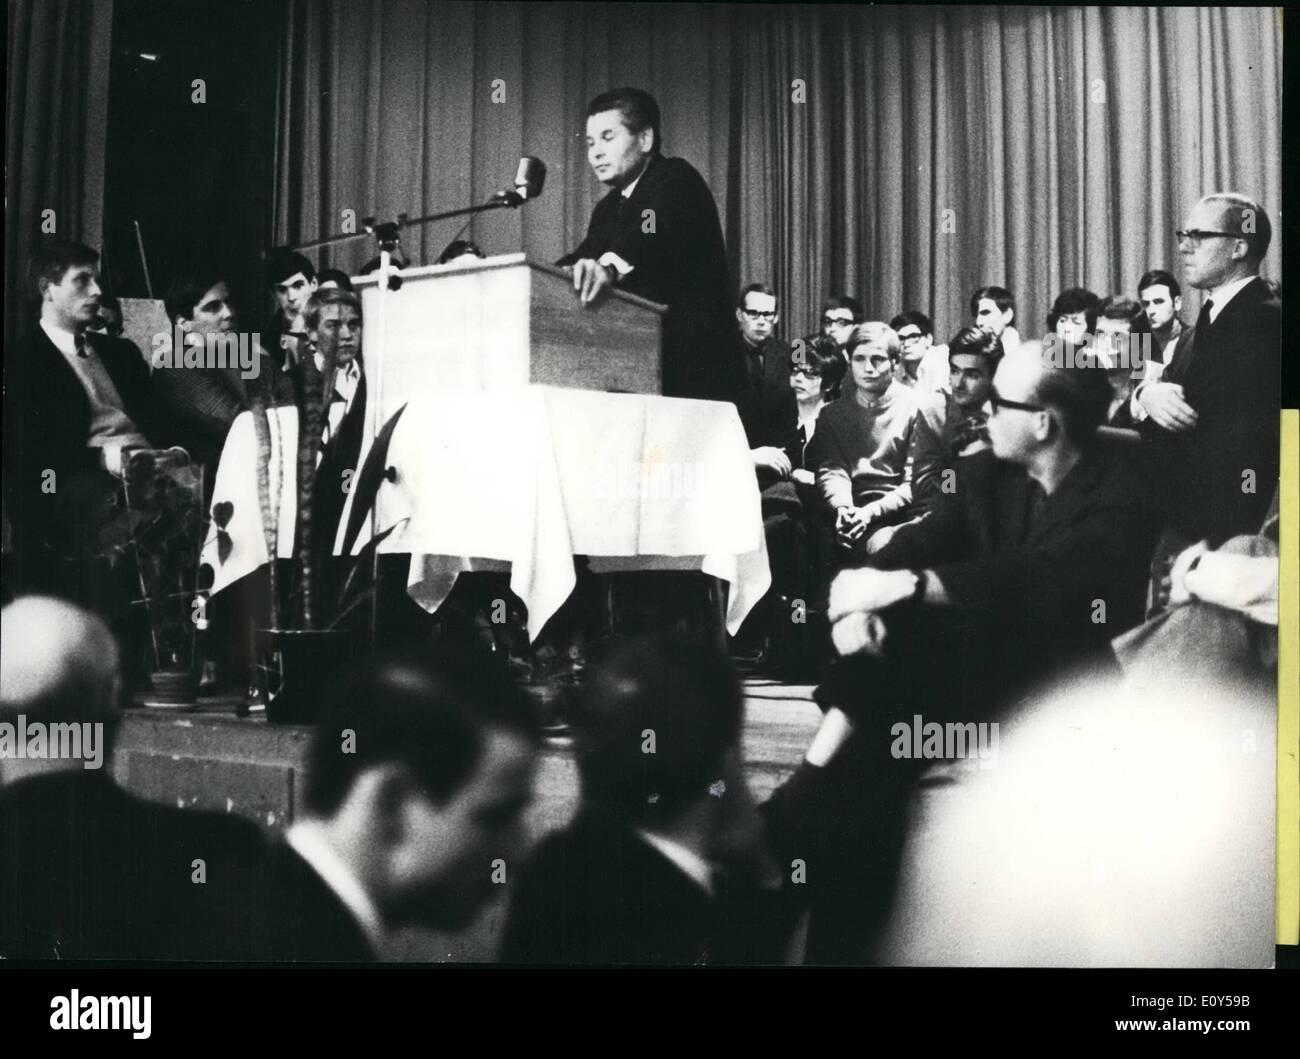 11 novembre 1968 - Ota Sik en exil en Suisse: Ministre de l'économie de l'Dubeck-gouvernement jusqu'à l'invasion de la forces Sowiet le 21 août, l'Ota Sik, professeur d'économie a décidé de ne pas retourner à la CSSR et maintenant a choisi la Suisse comme son exil. Ici il a l'intention de vivre et de travailler comme un homme privé, donnant à nouveau puis conférence et des séminaires dans différentes universités suisses. Jusqu'à nouveau il n'a pas demandé l'asile dans ce pays. Aussi il n'a pas été offert un poste de professeur, bien que différentes organisations étudiantes revendiquée pour elle Photo Stock